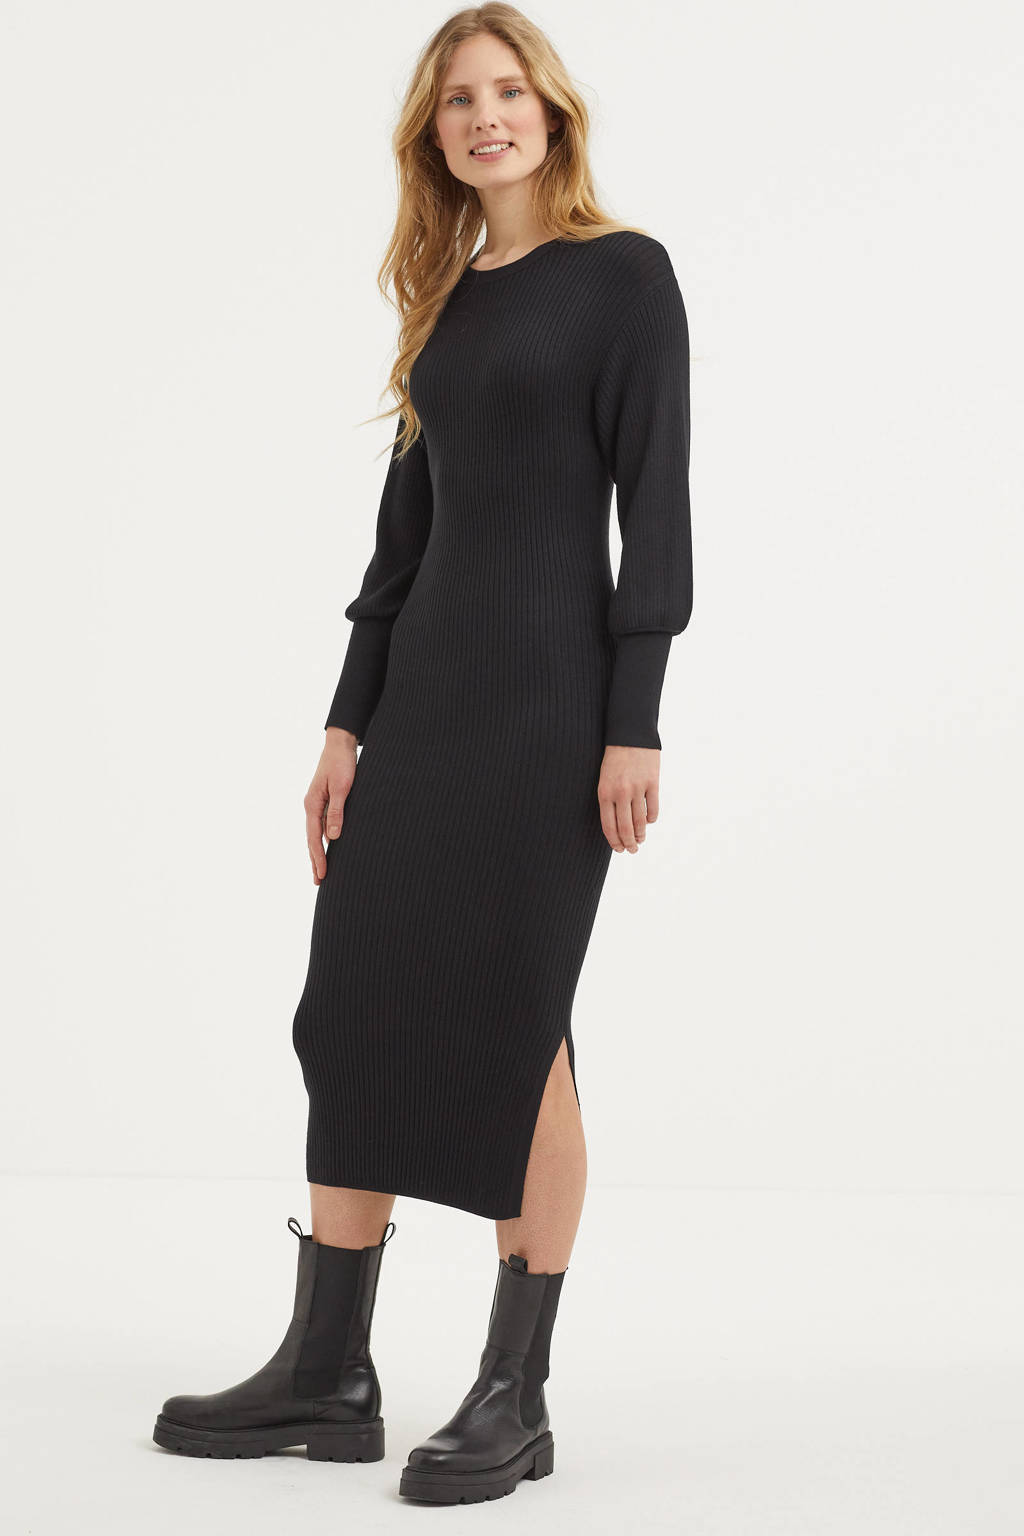 Inwear gebreide maxi jurk Linn zwart, Zwart